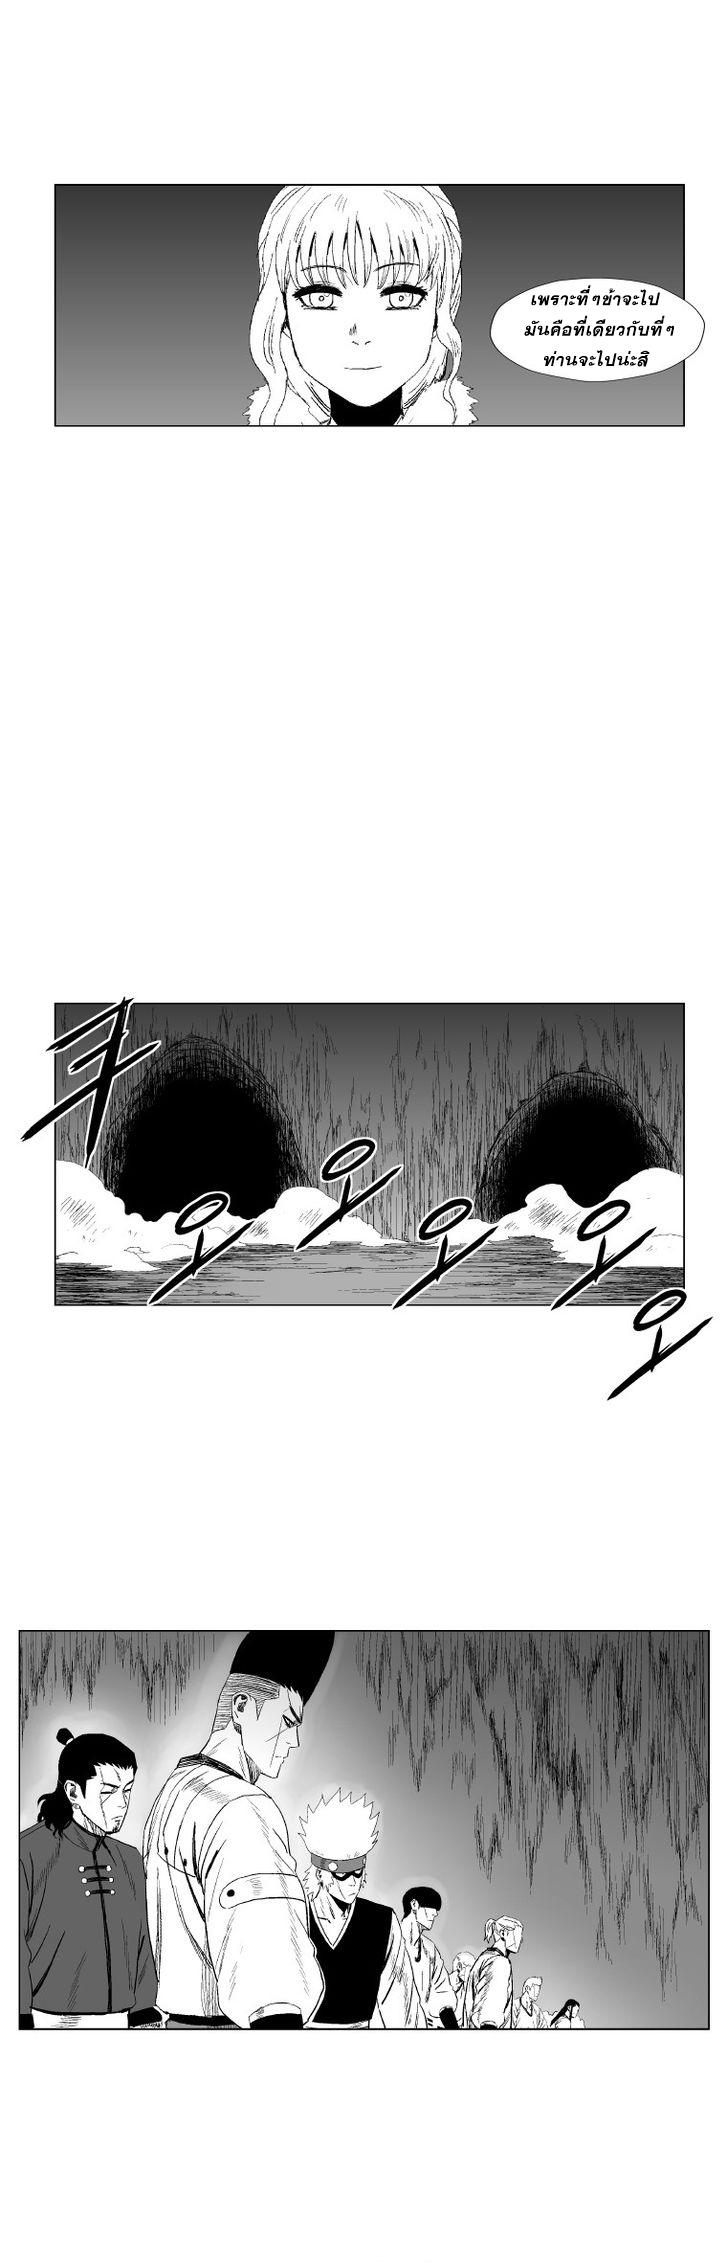 อ่านการ์ตูน พายุสีเลือด 97 ภาพที่ 9